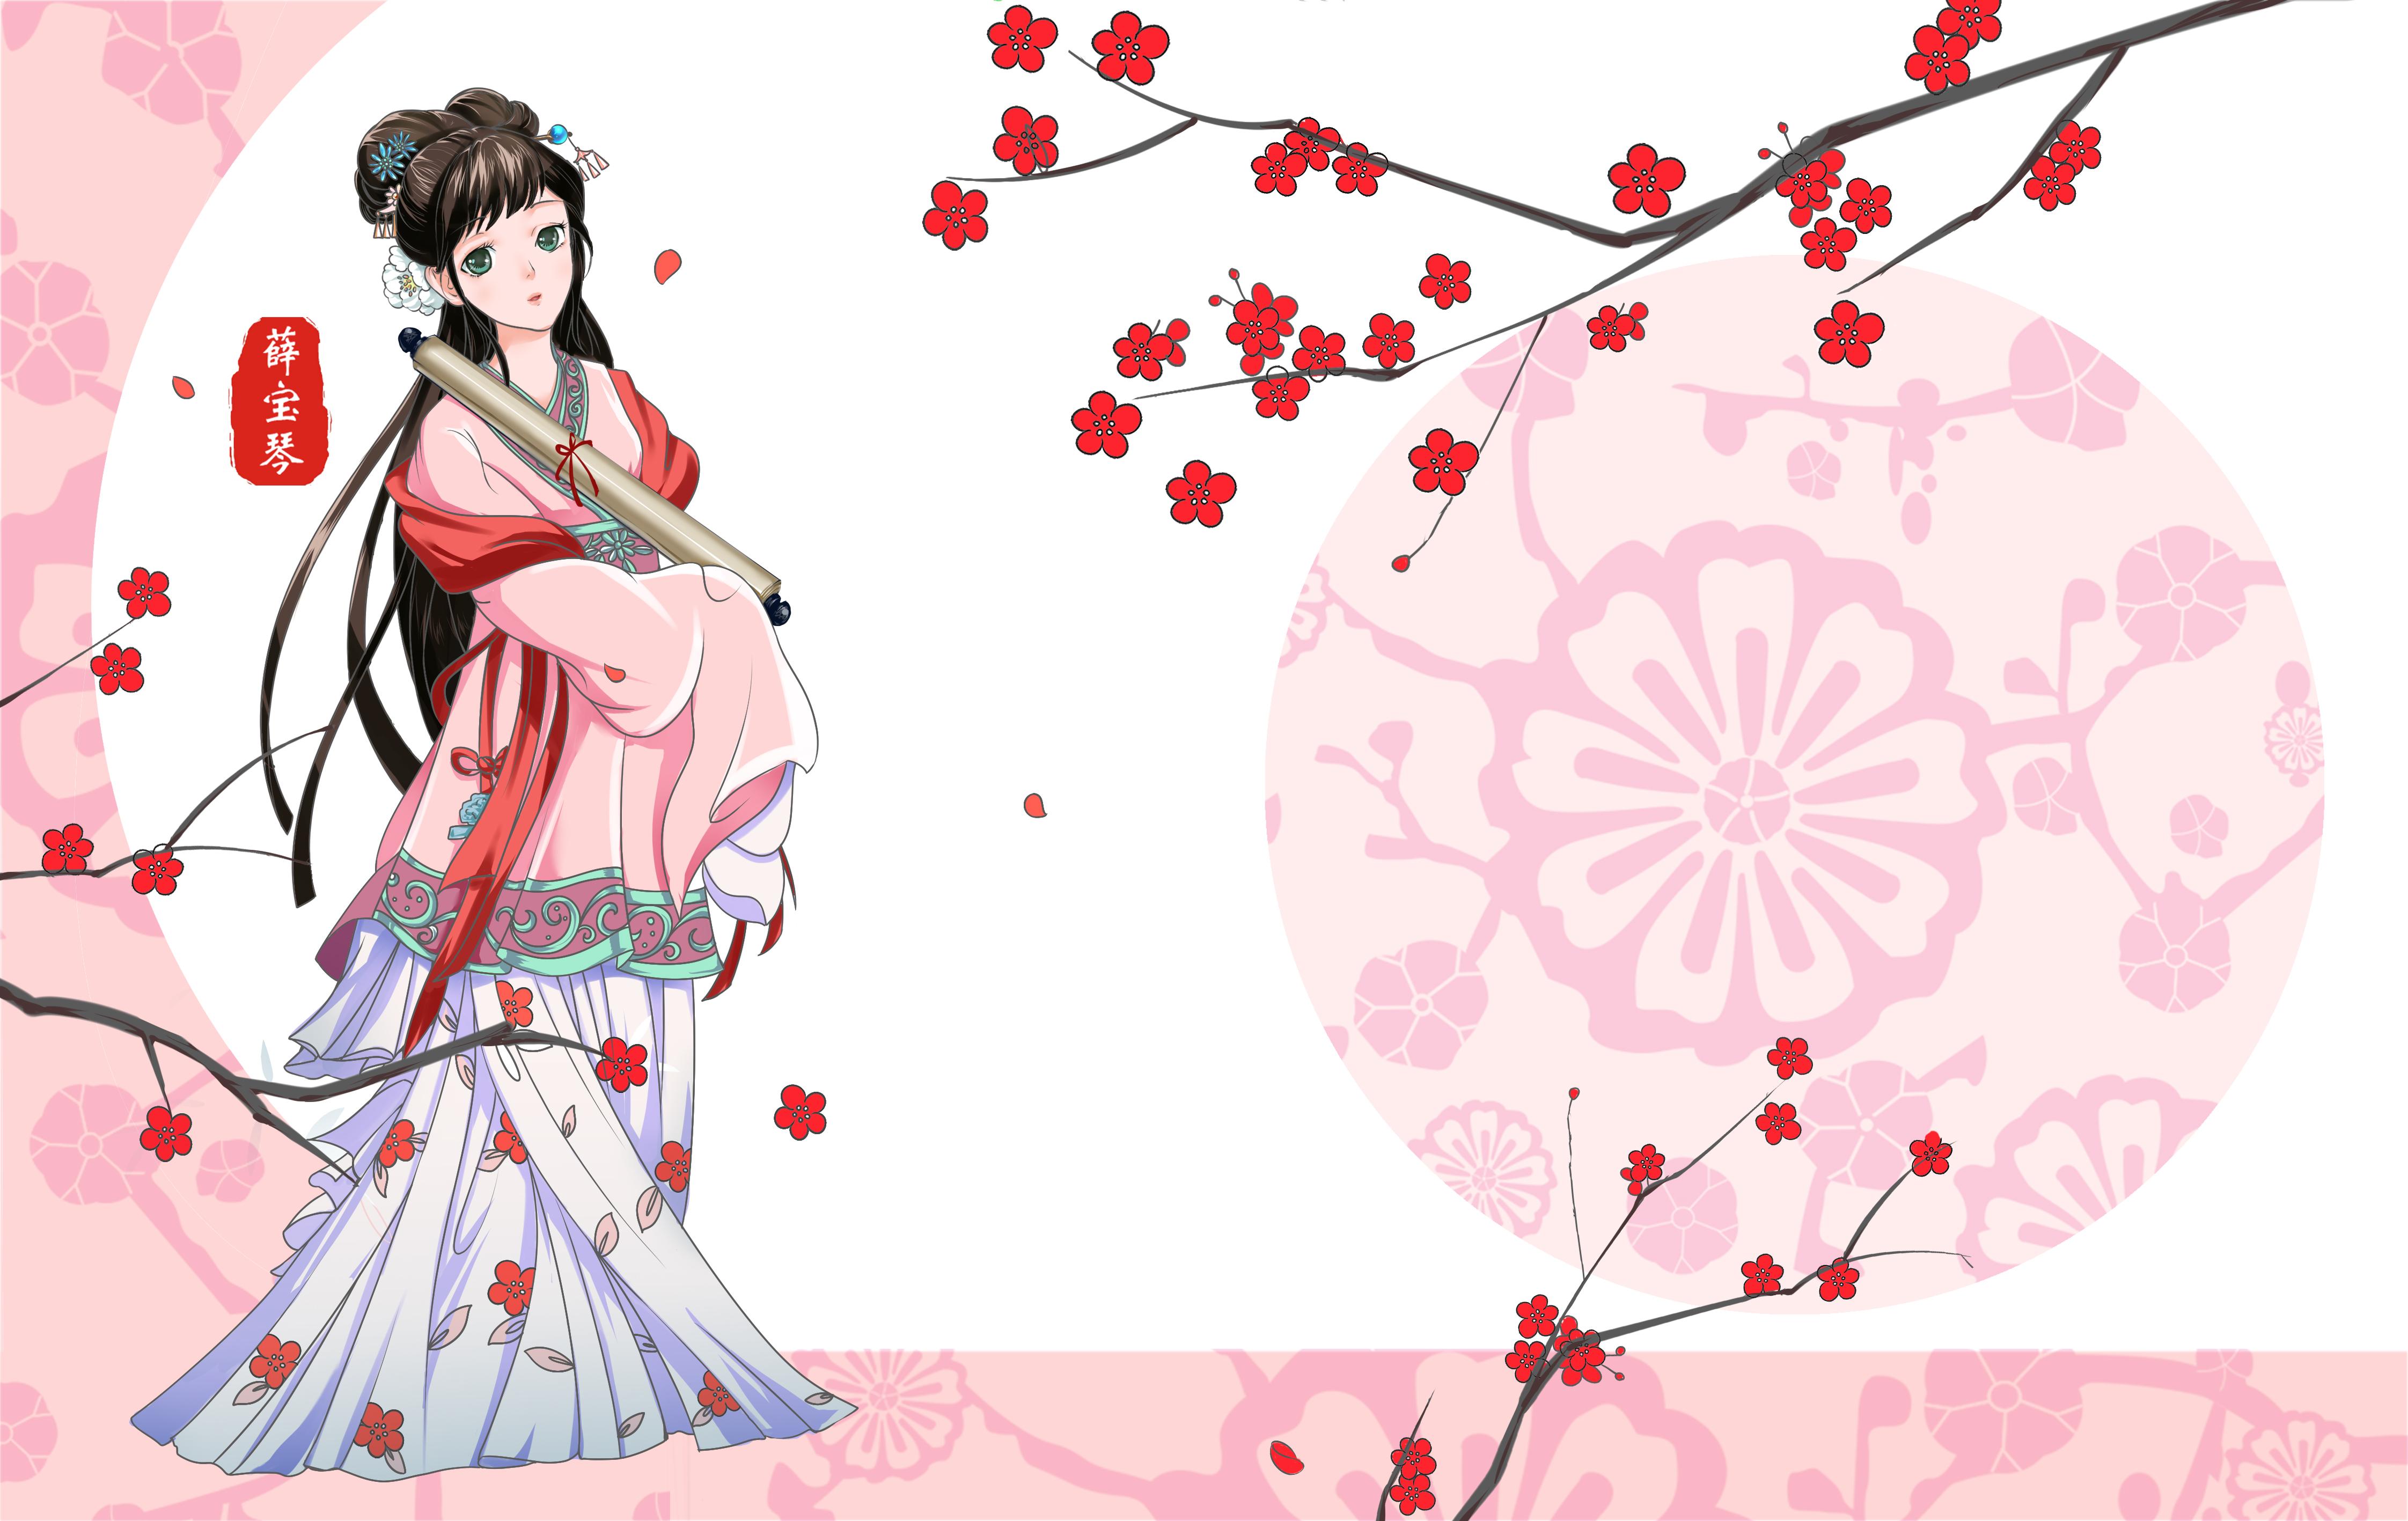 红楼梦之金陵十二钗又副册-商业插画-插画-设计作品